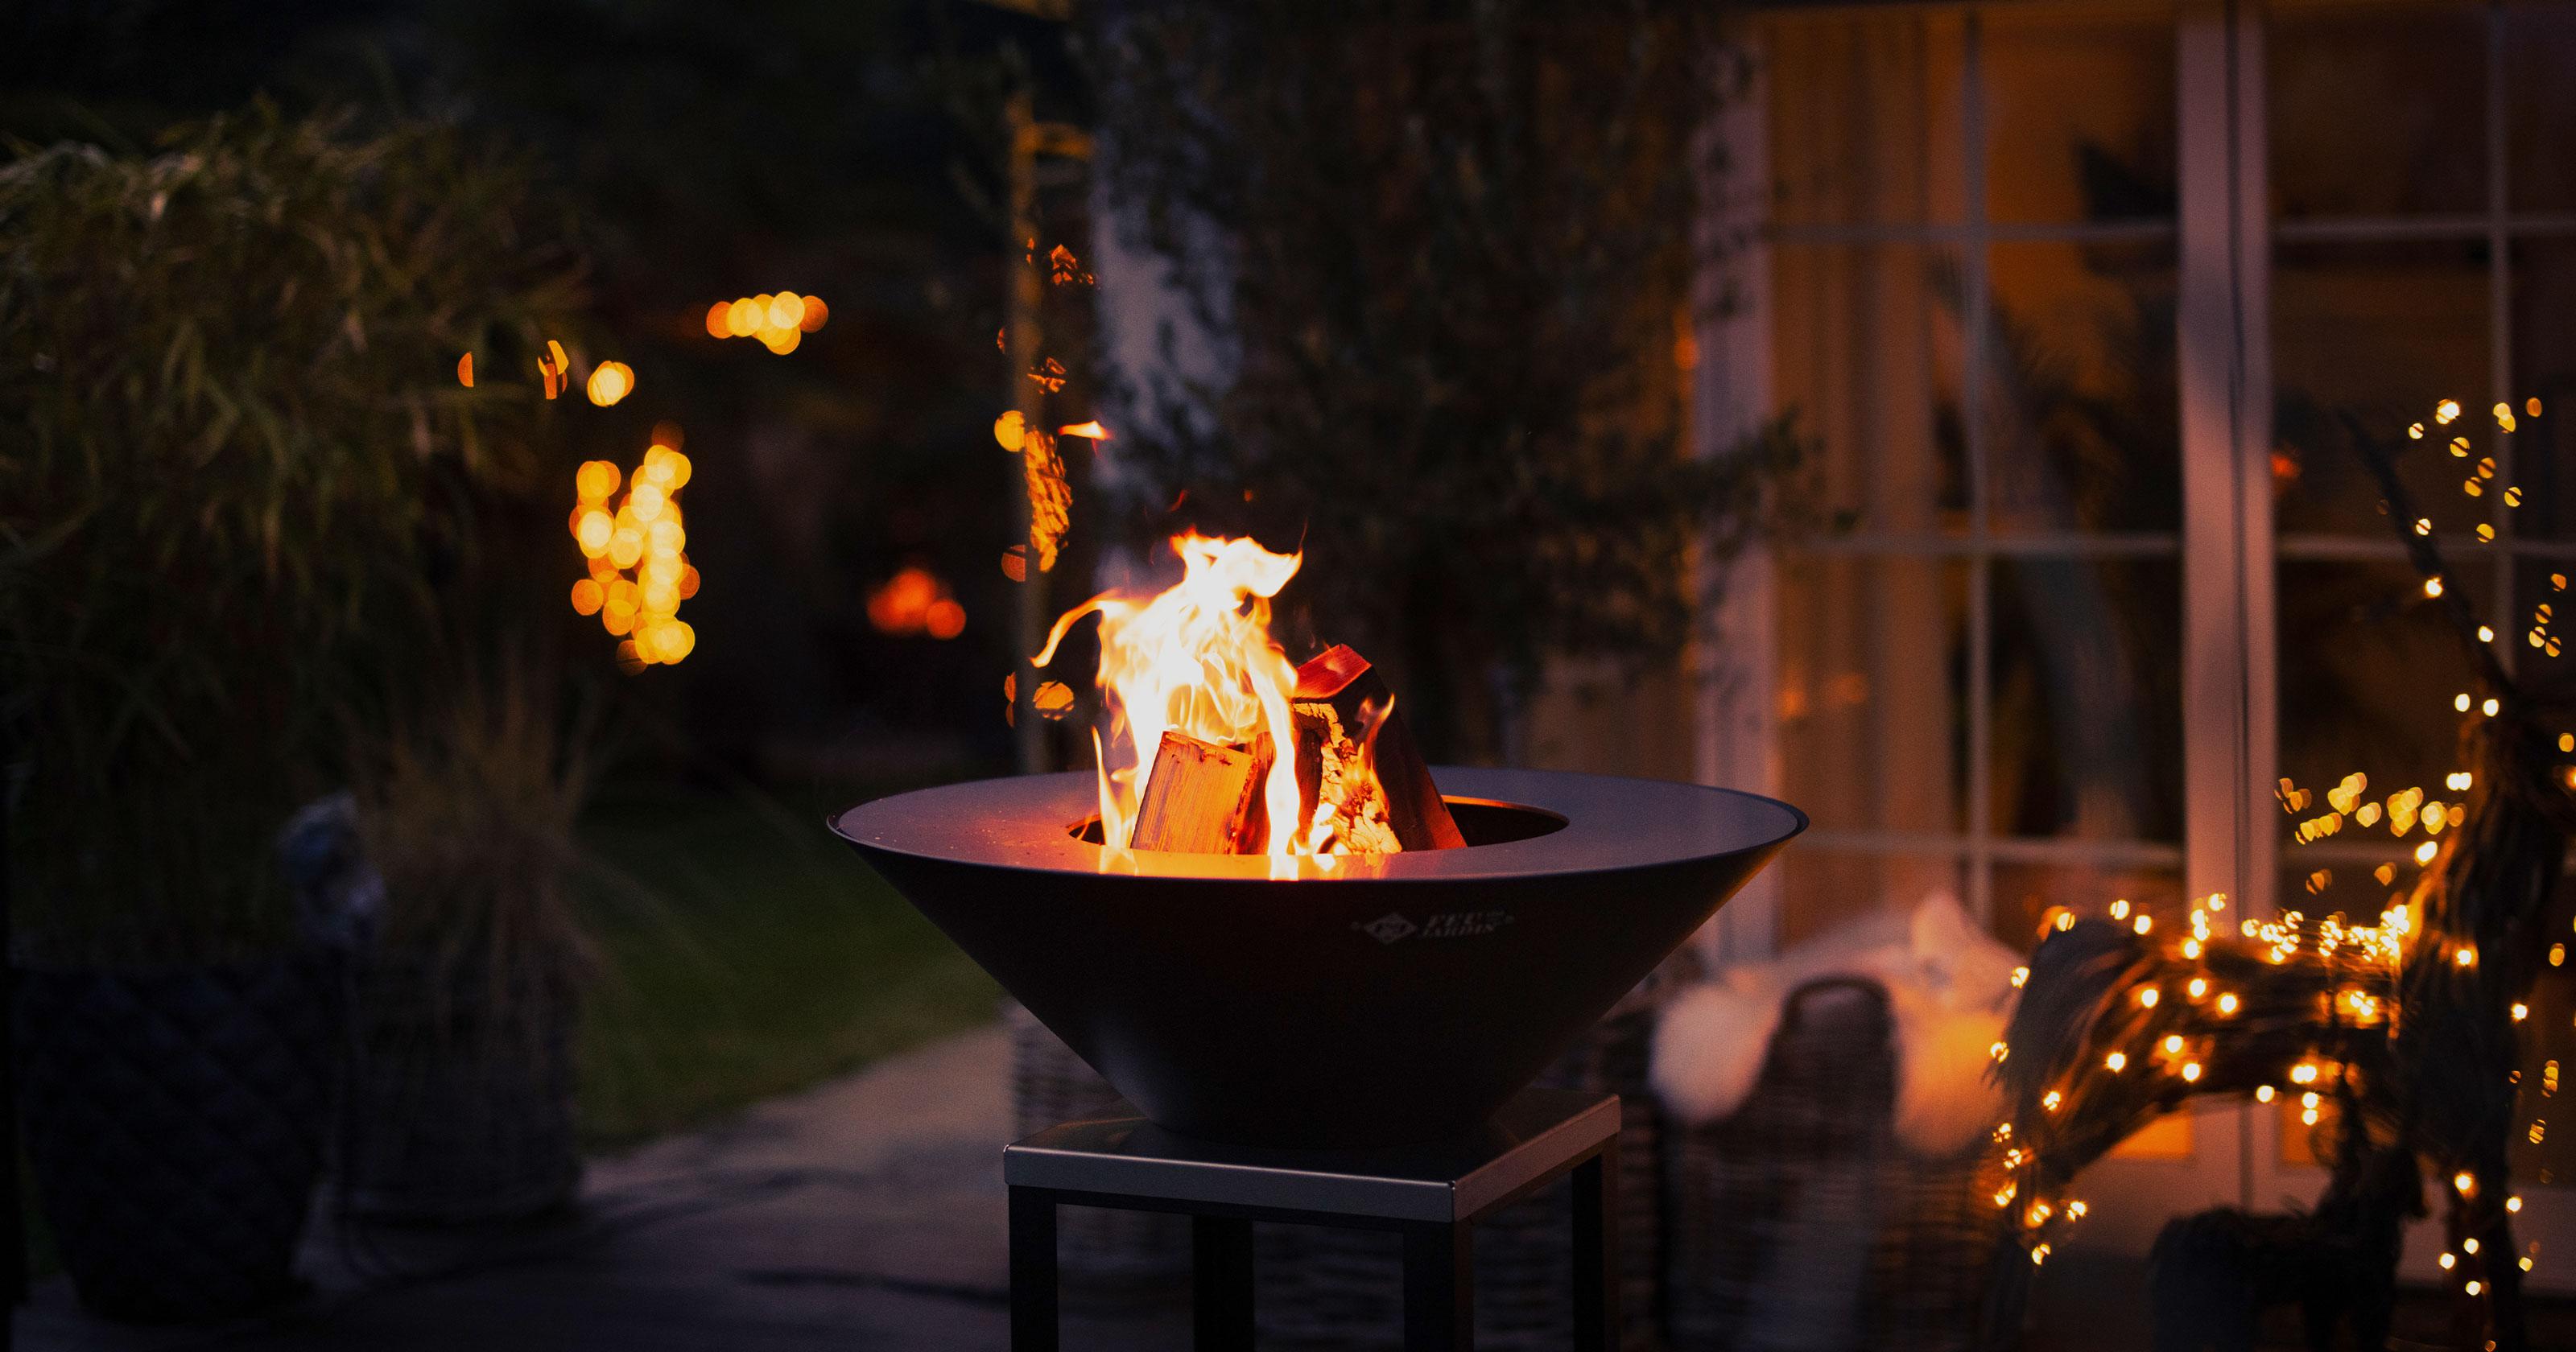 Feuerschale Fyro 80 - Winterstimmung